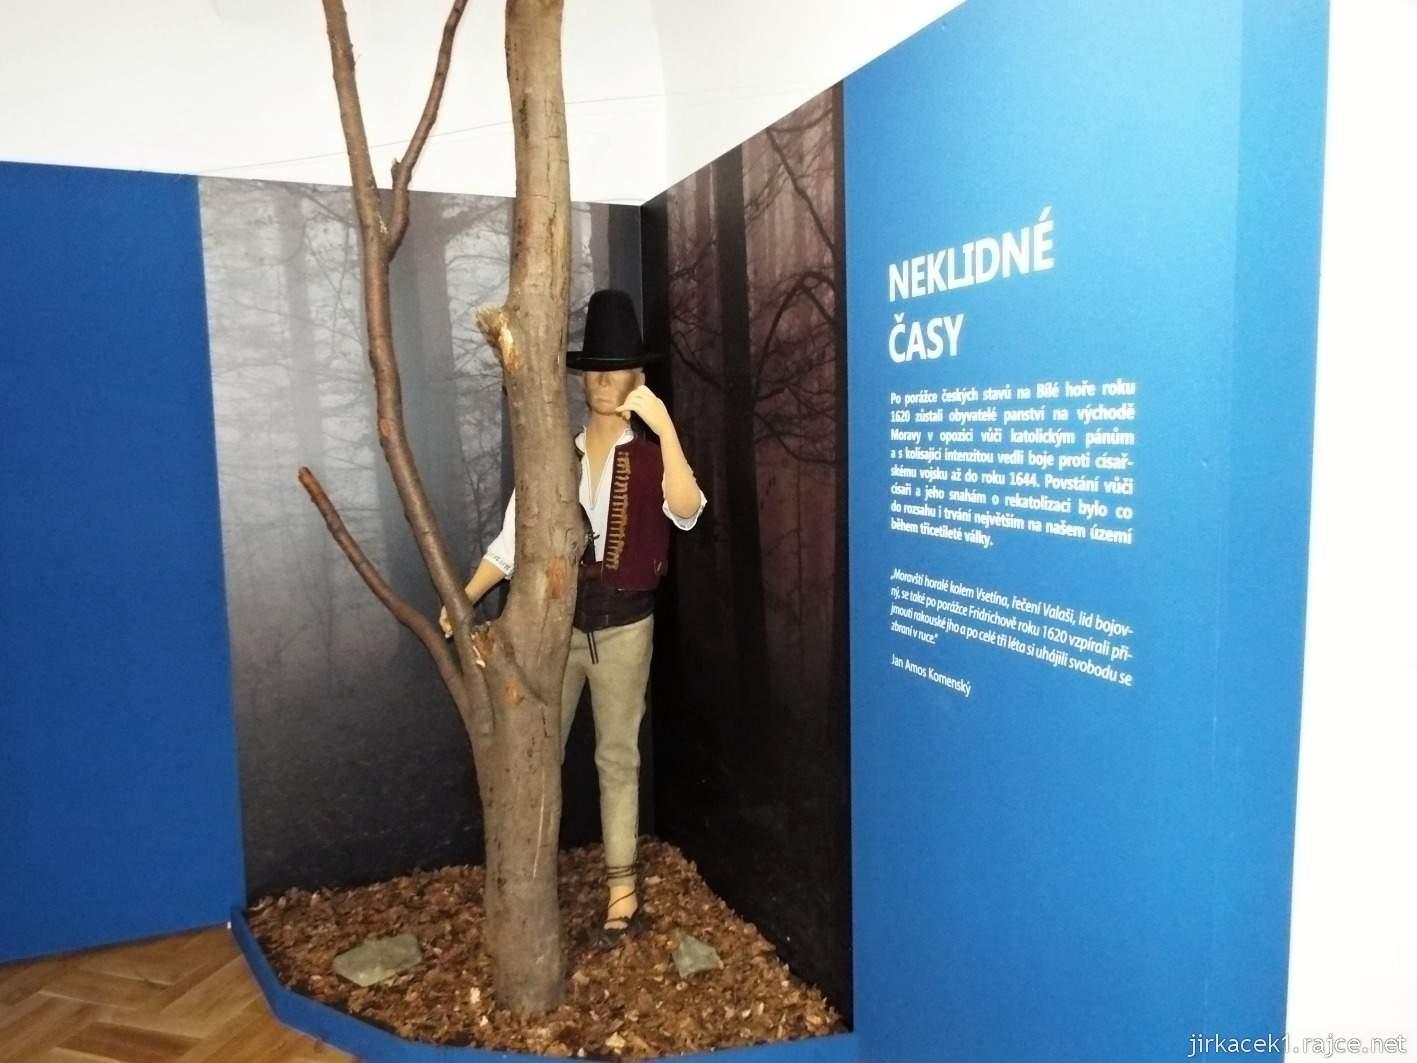 Vsetín - zámek 23 - muzeum - etnografická expozice Neklidné časy